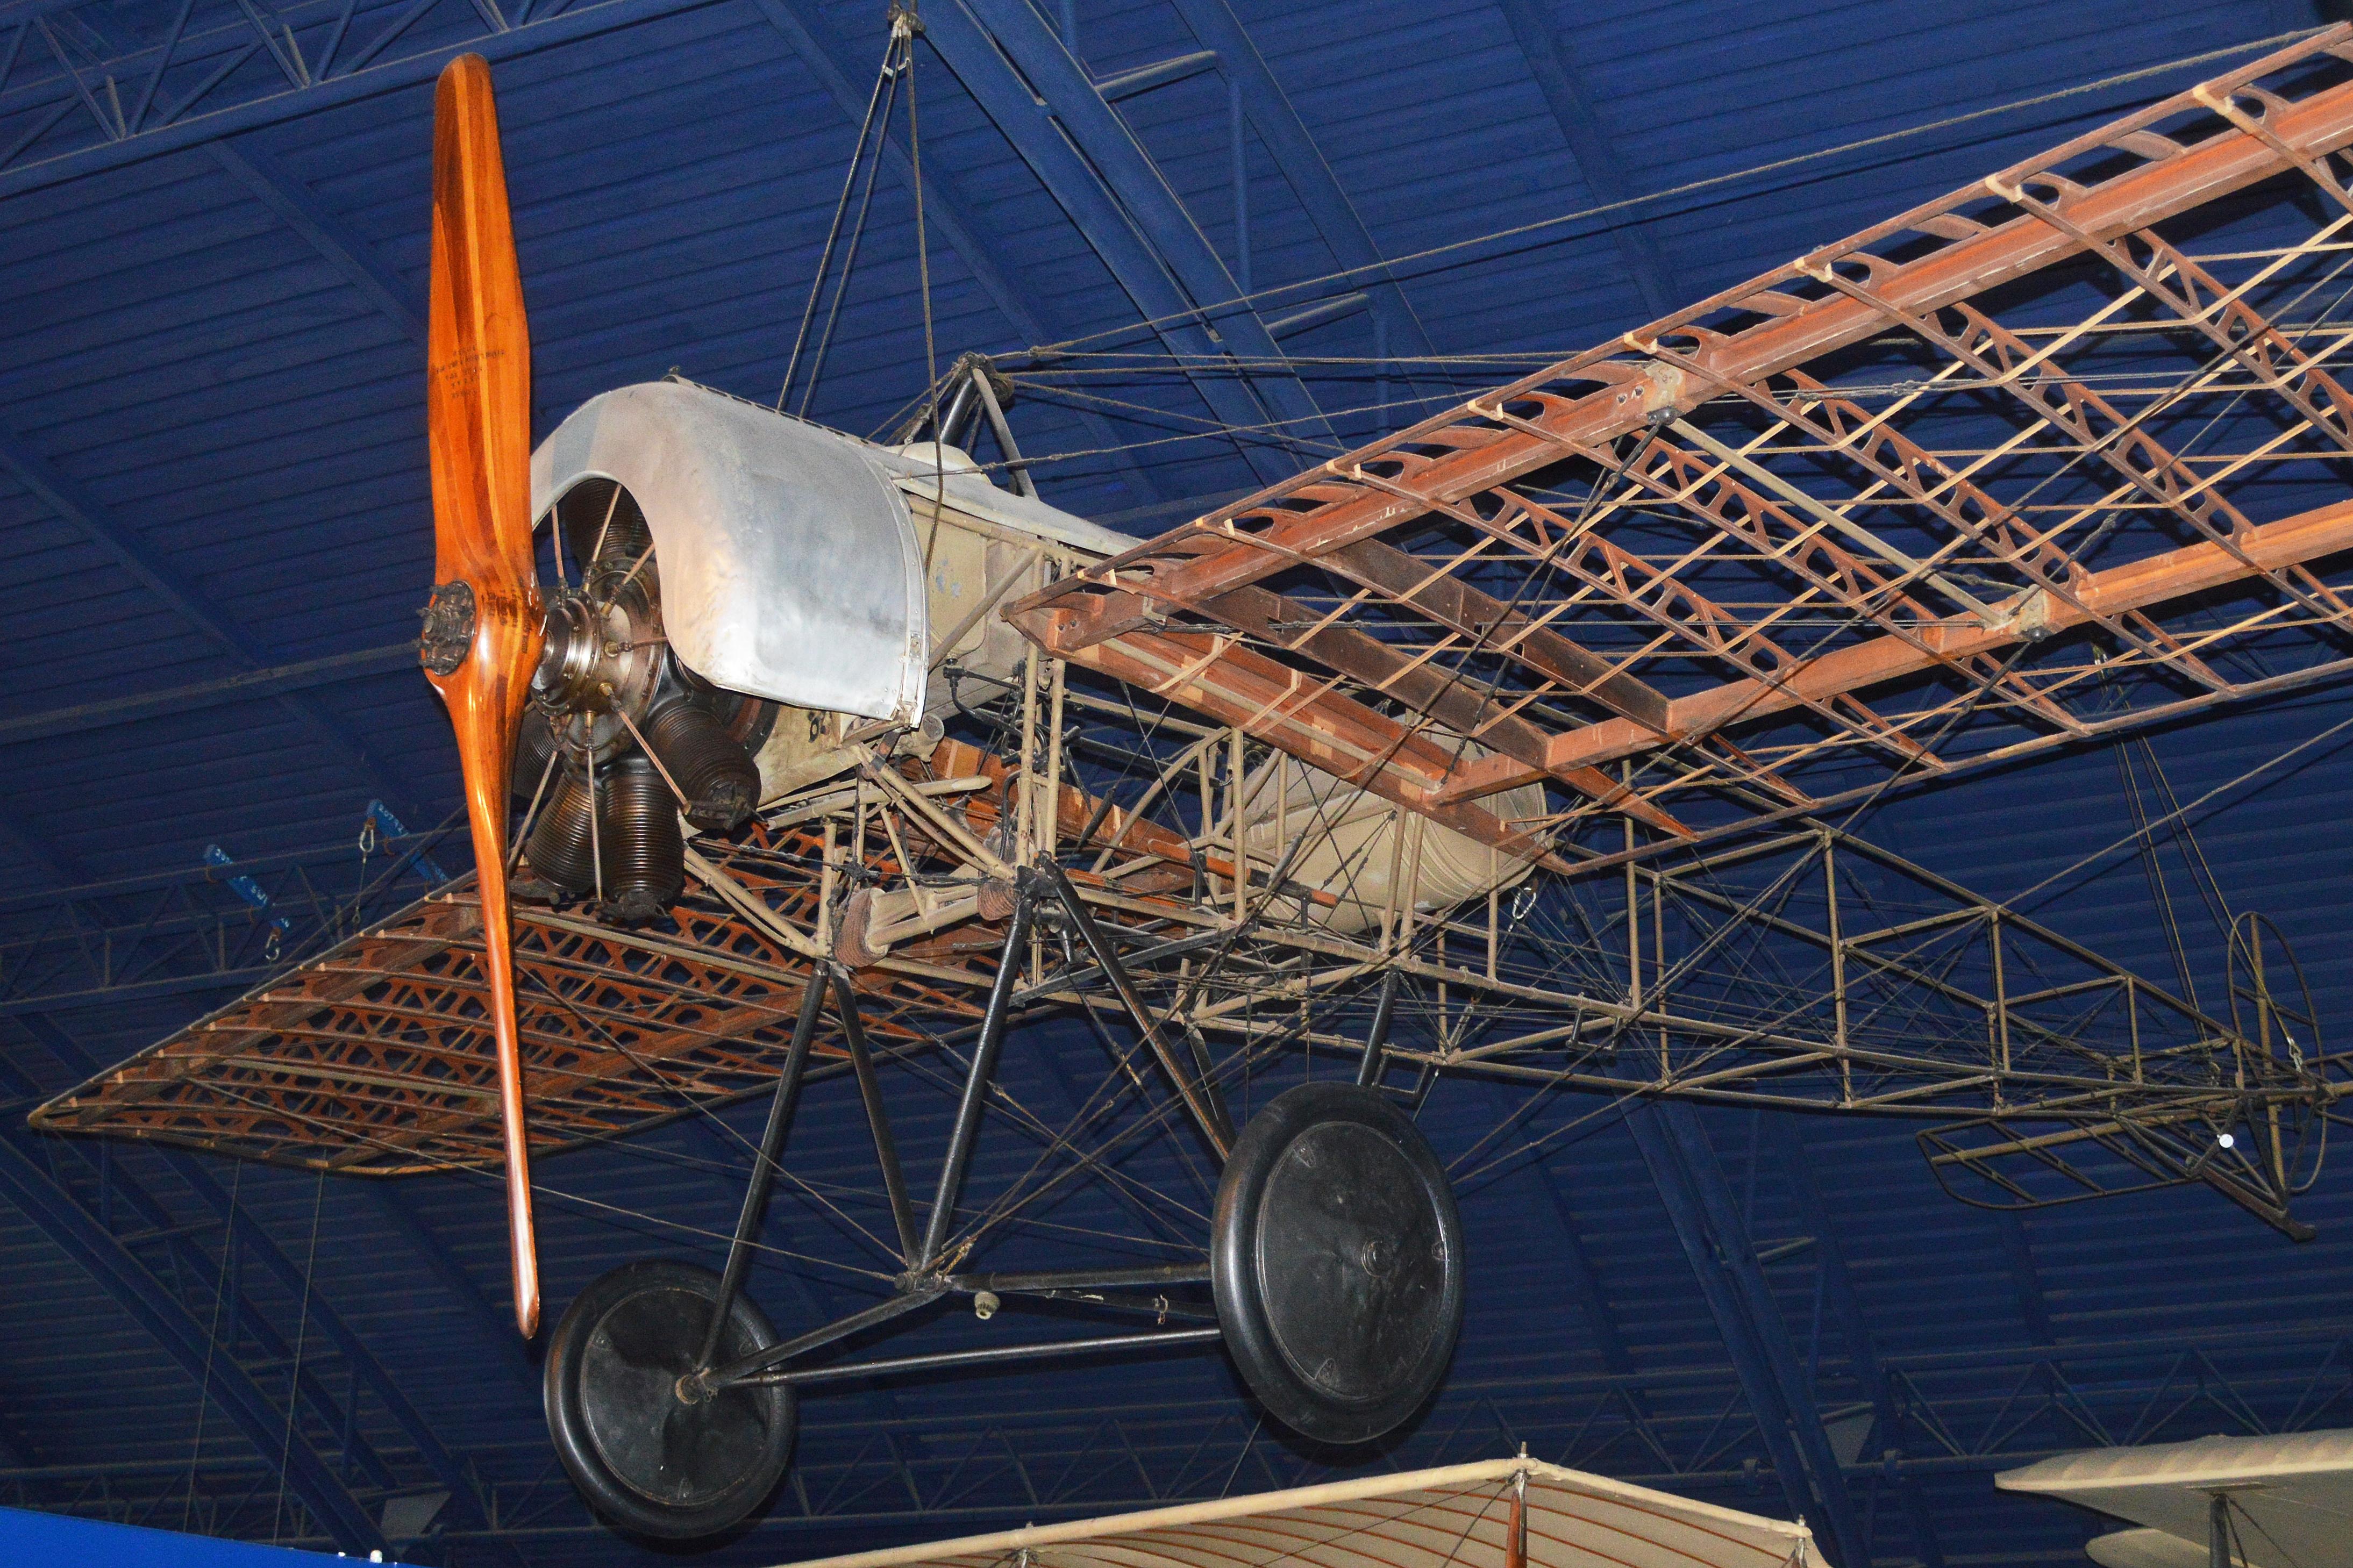 Fokker_E.III_Eindecker_(210-16)_(1884704